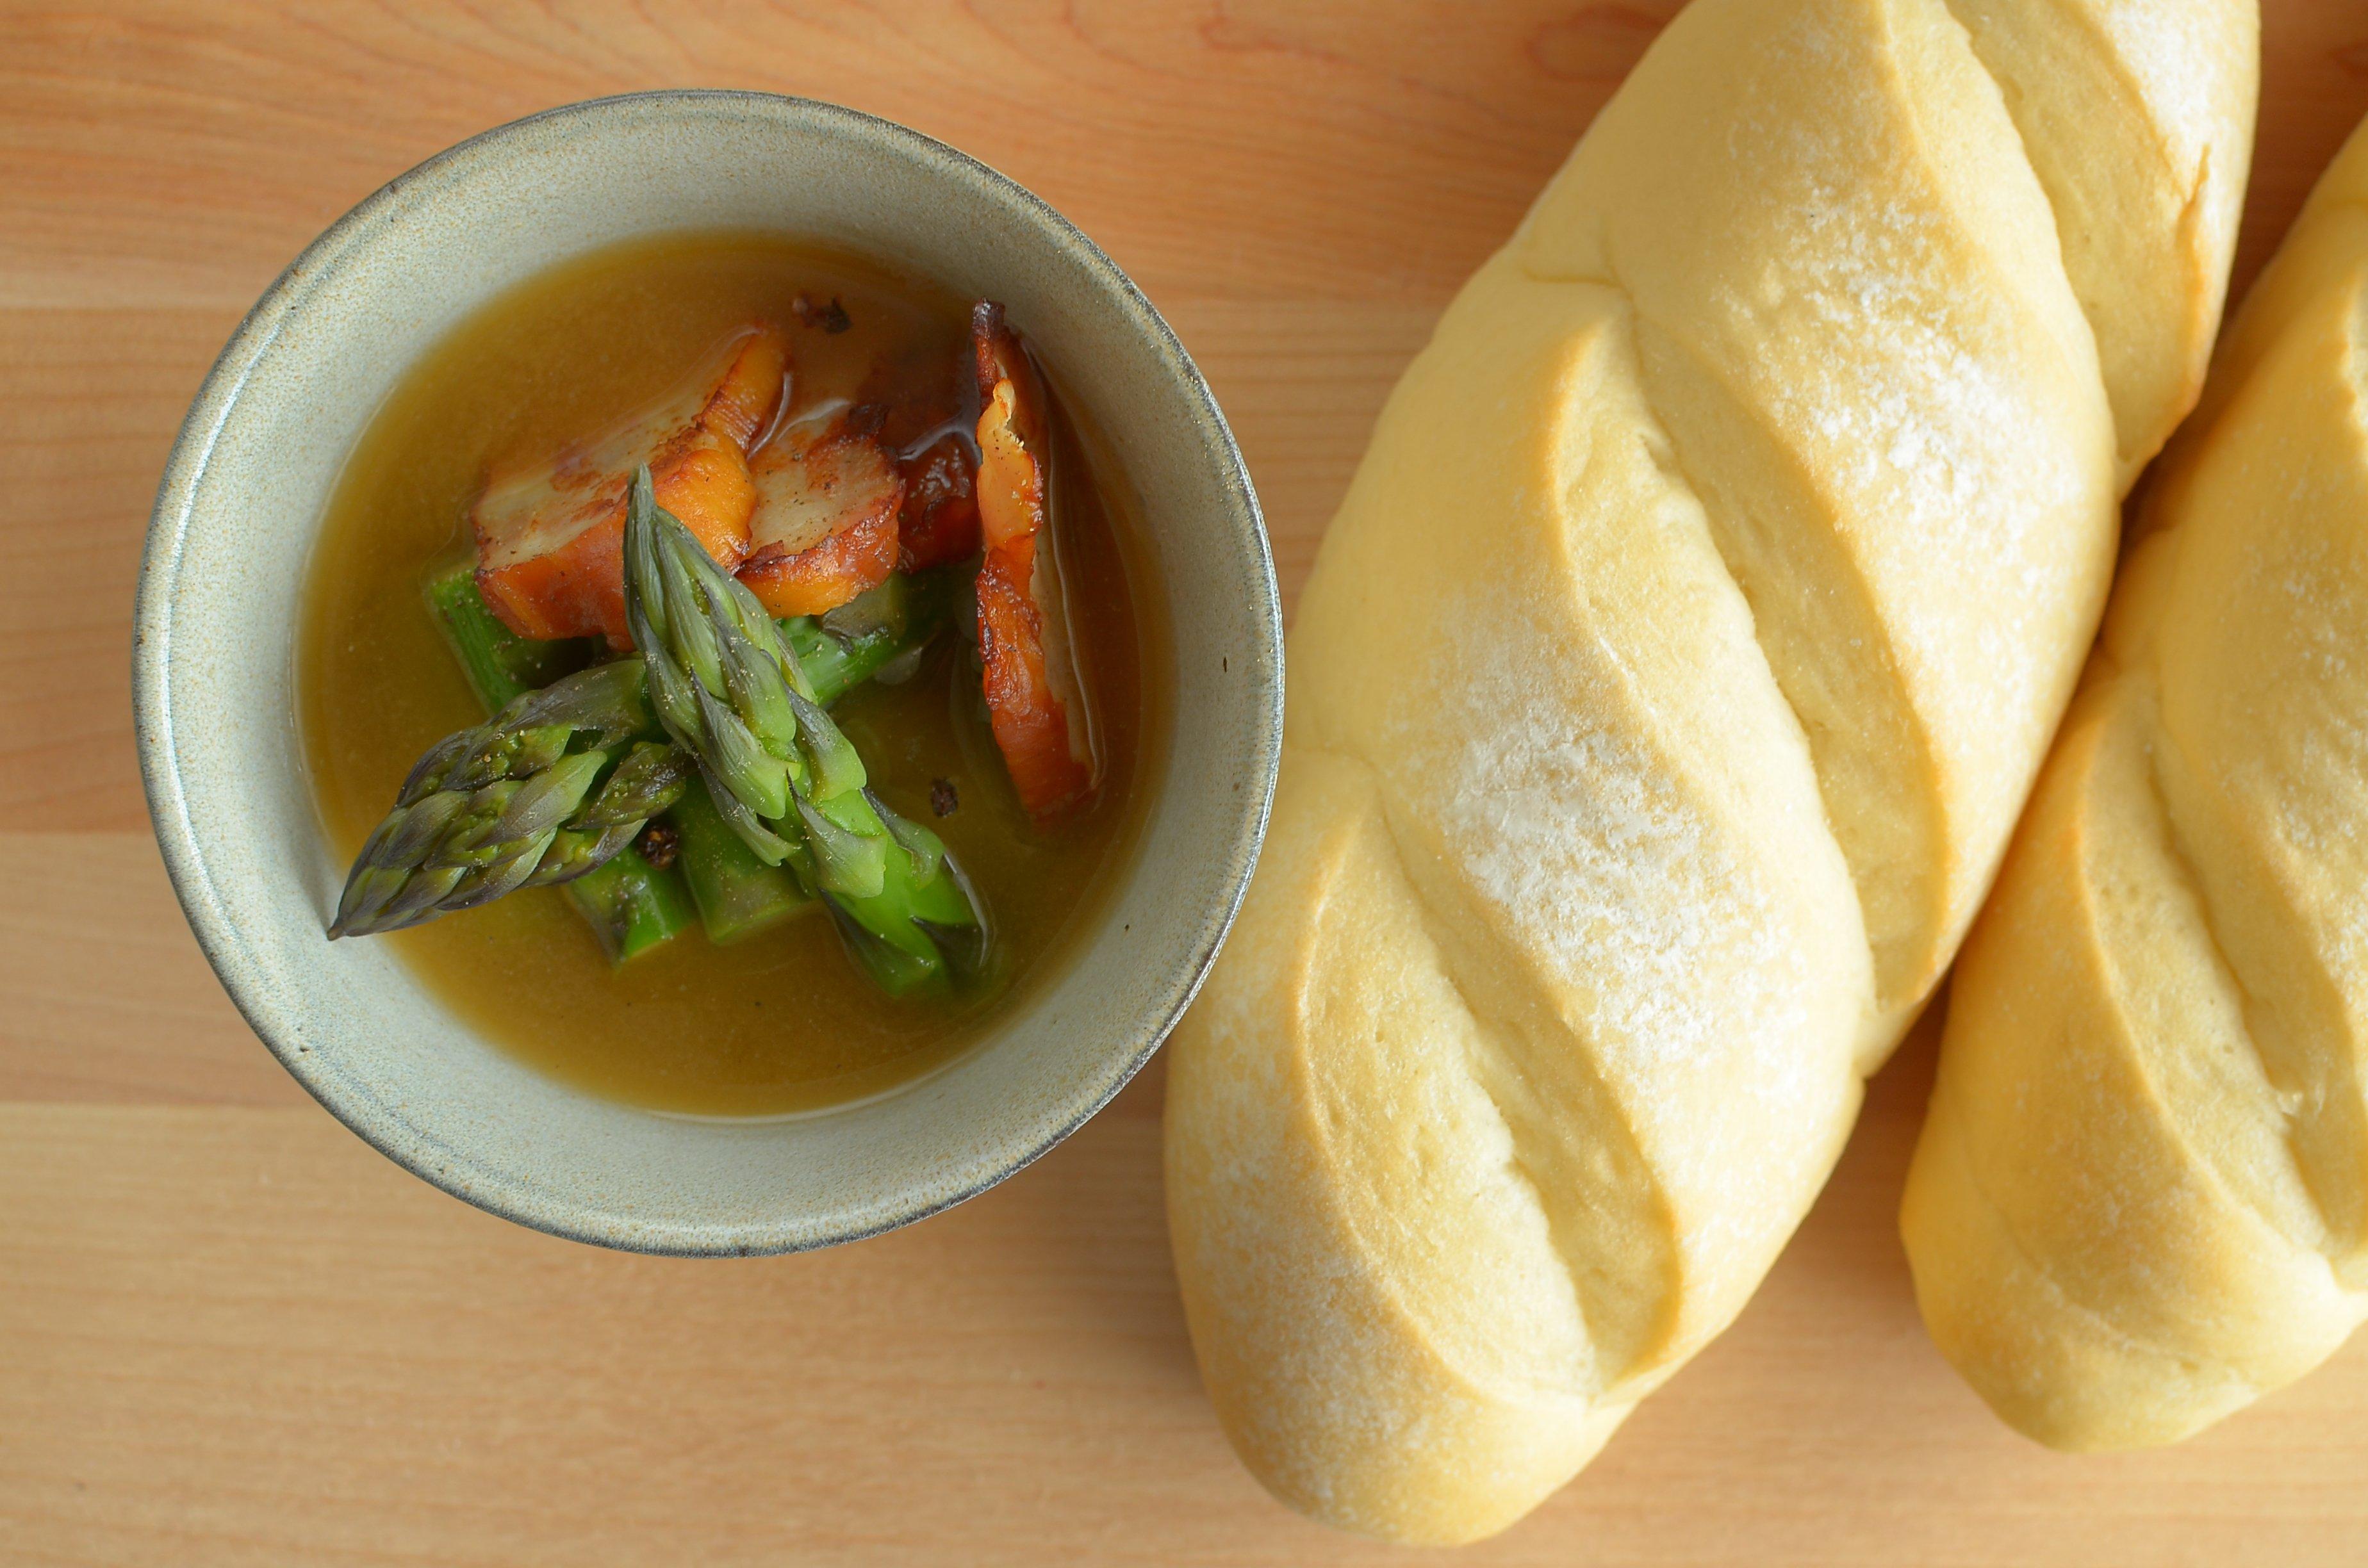 【一汁一ぱんのすすめ】アスパラガスとベーコンの味噌汁